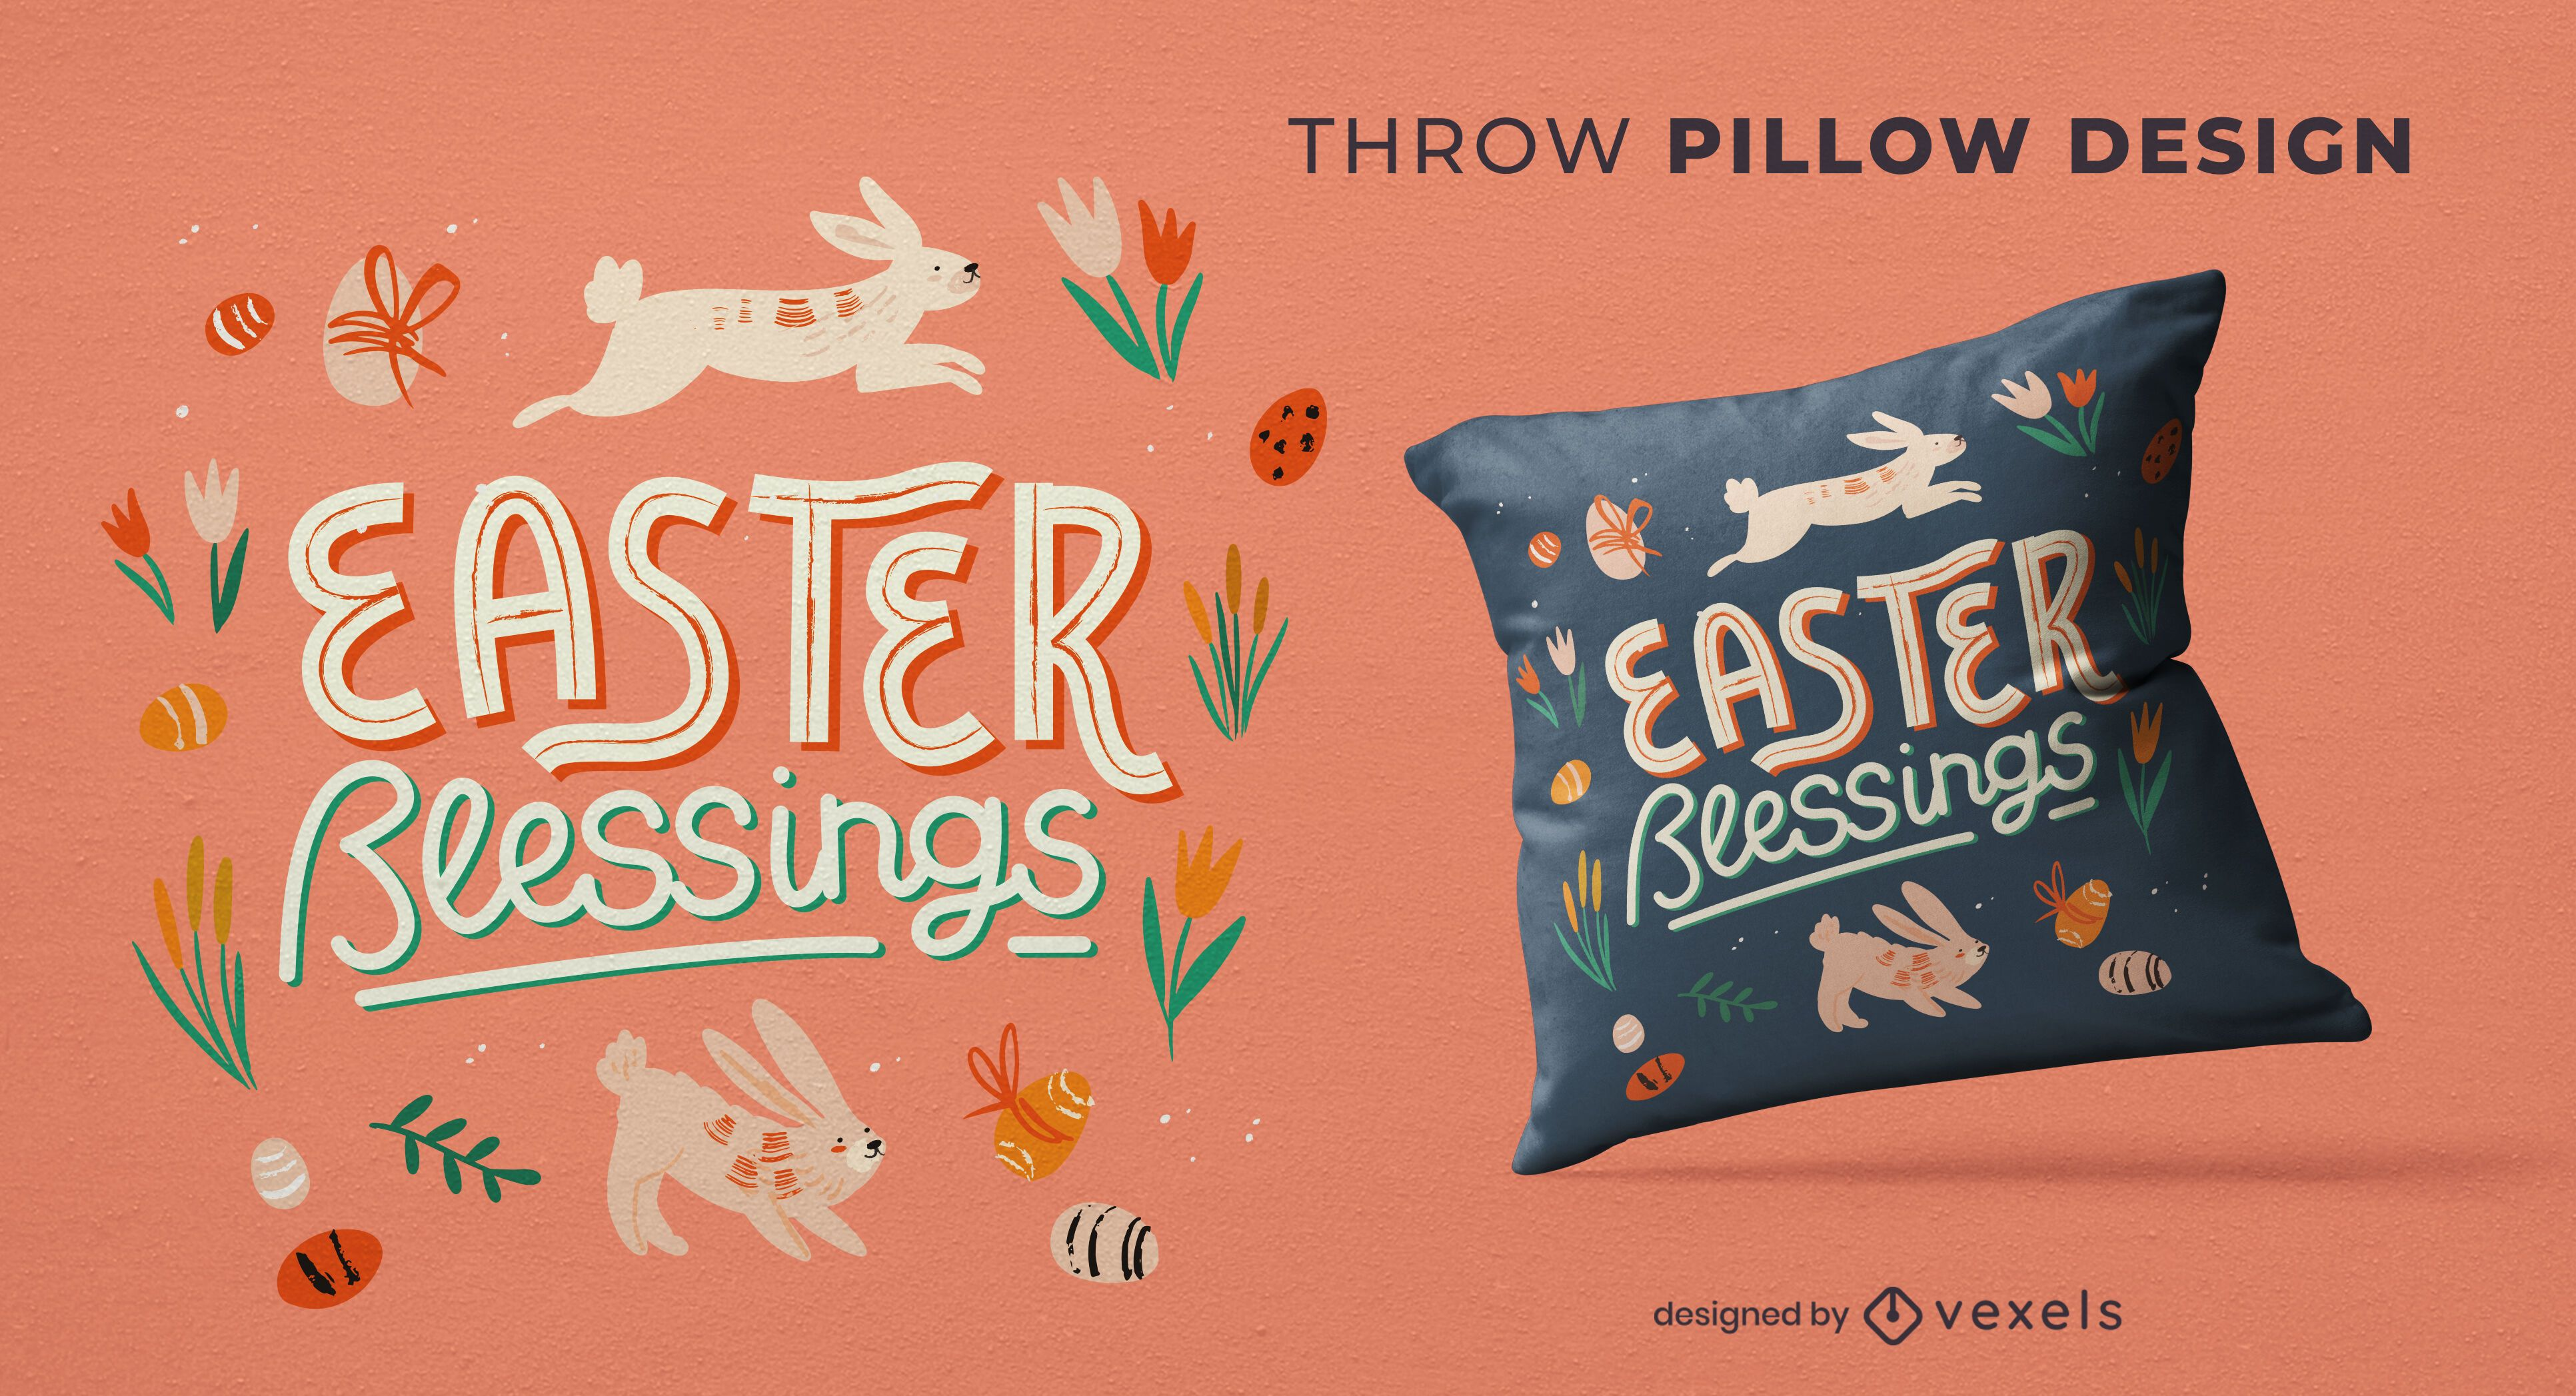 Easter blessings throw pillow design